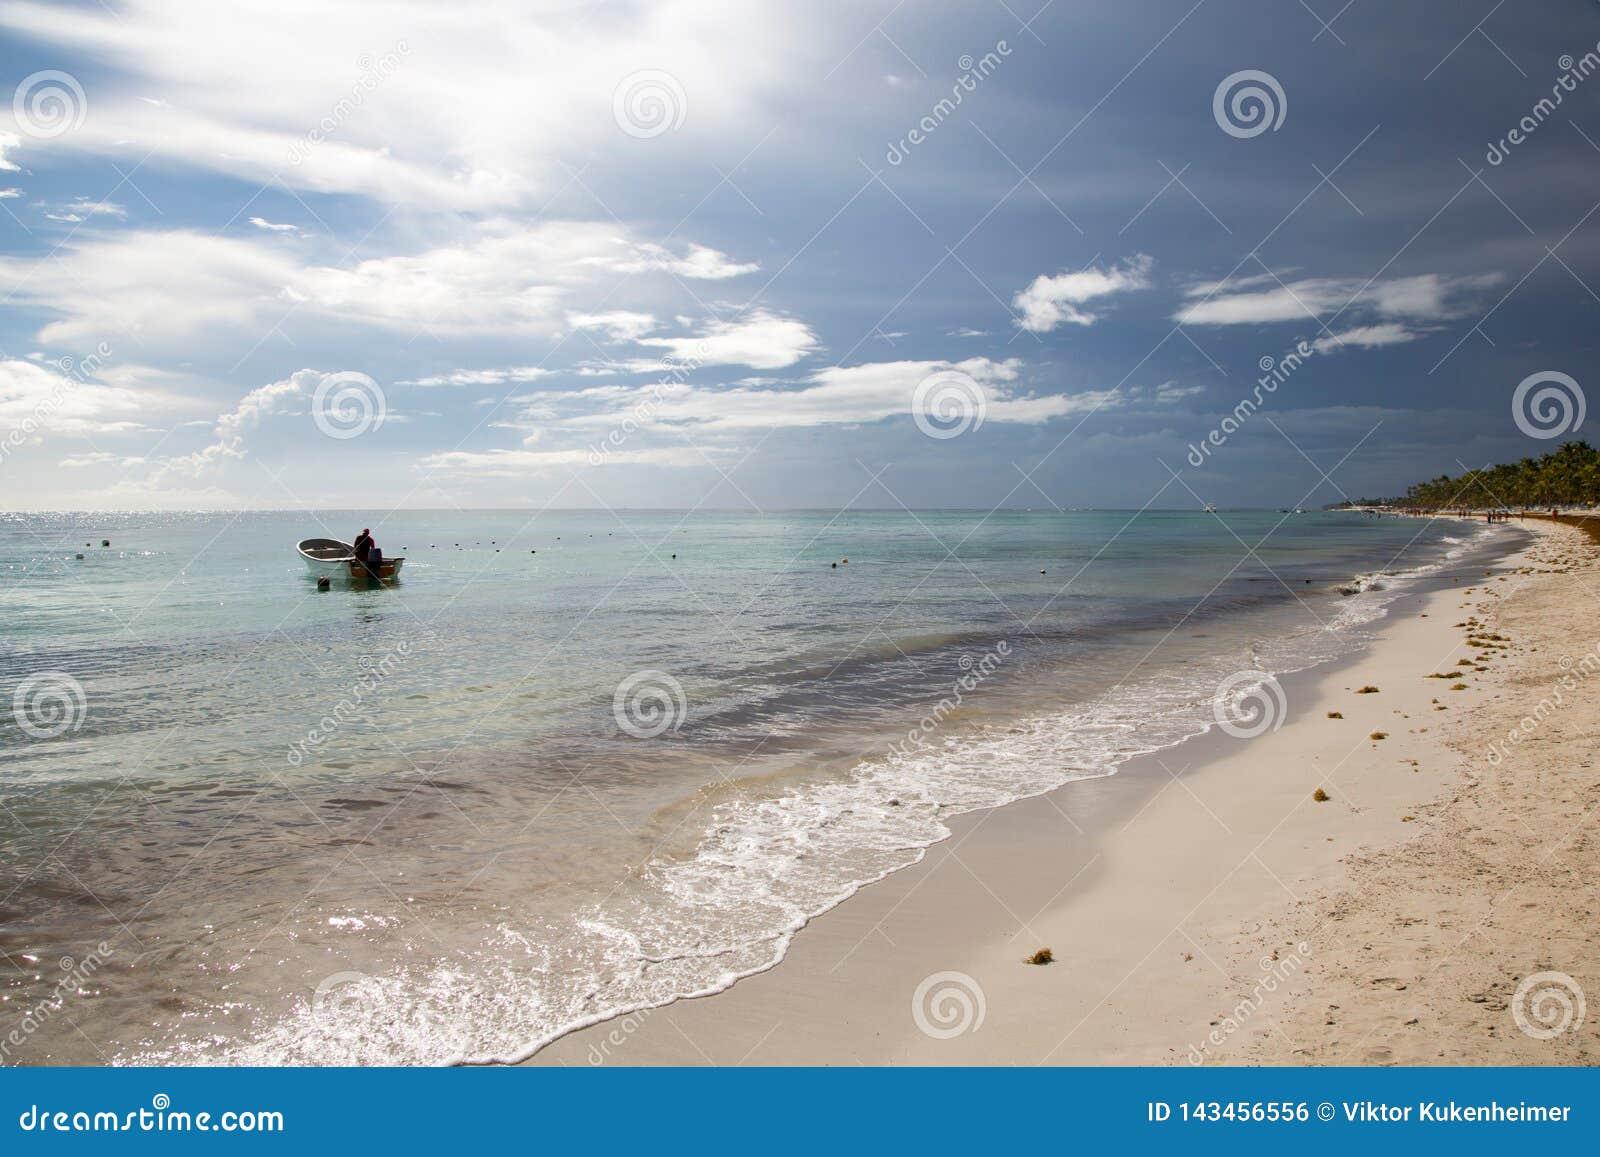 Παραλία ονείρου στη Δομινικανή Δημοκρατία